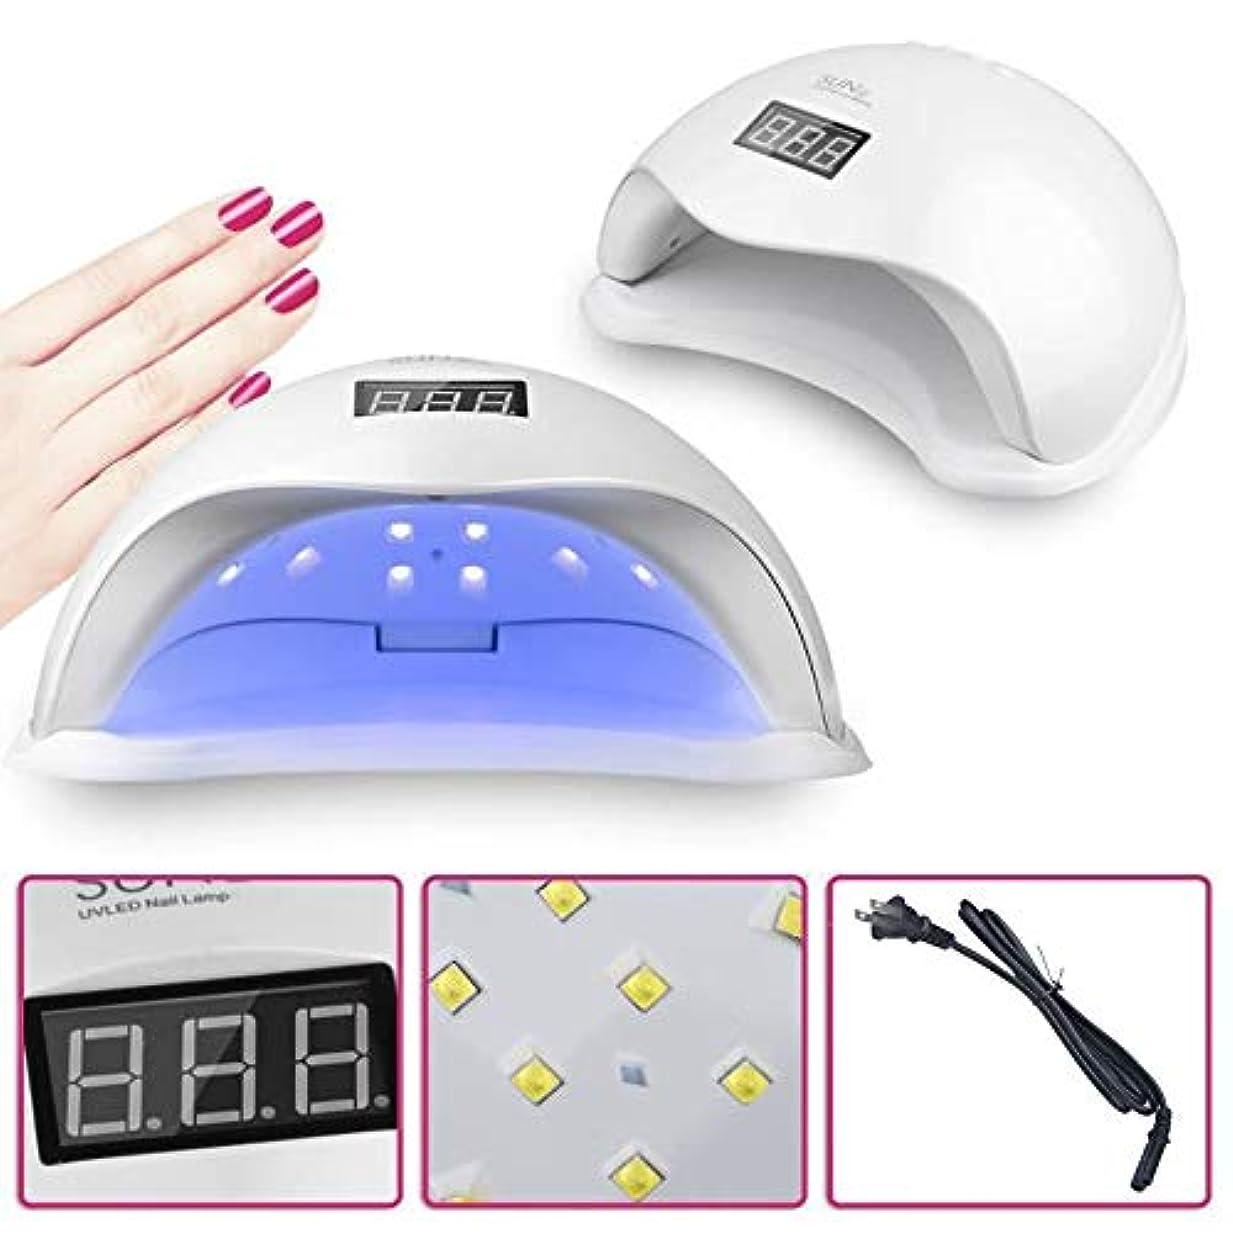 右幼児恥UV LEDネイルドライヤー 48W ハイパワー 赤外線検知 UV &LEDダブルライト ジェルネイル用 4つタイマー設定可能 硬化用 ライト 説明書付き Vinteky